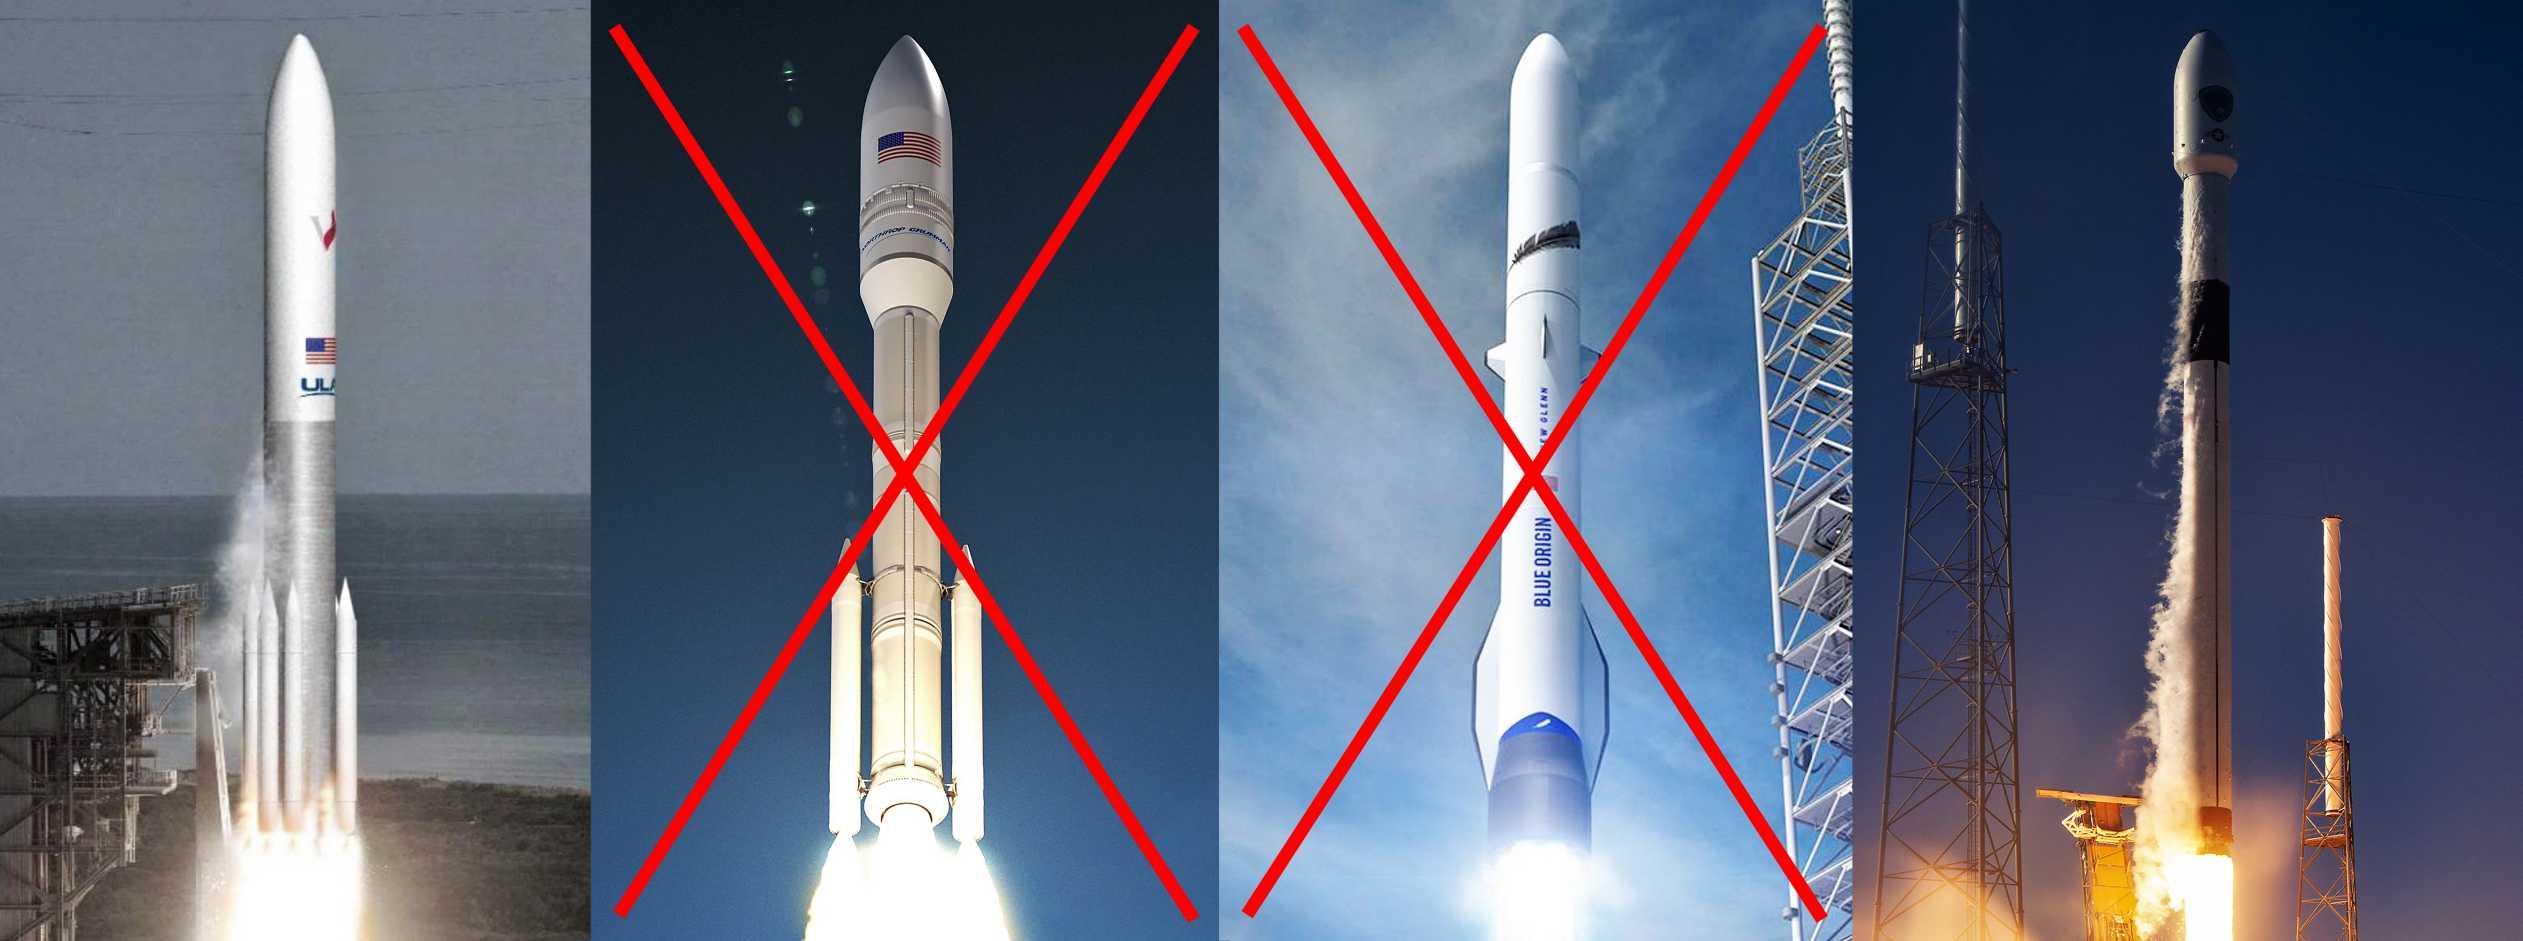 LSA LSP rockets Vulcan Omega New Glenn Falcon (Teslarati) 1 final (c)